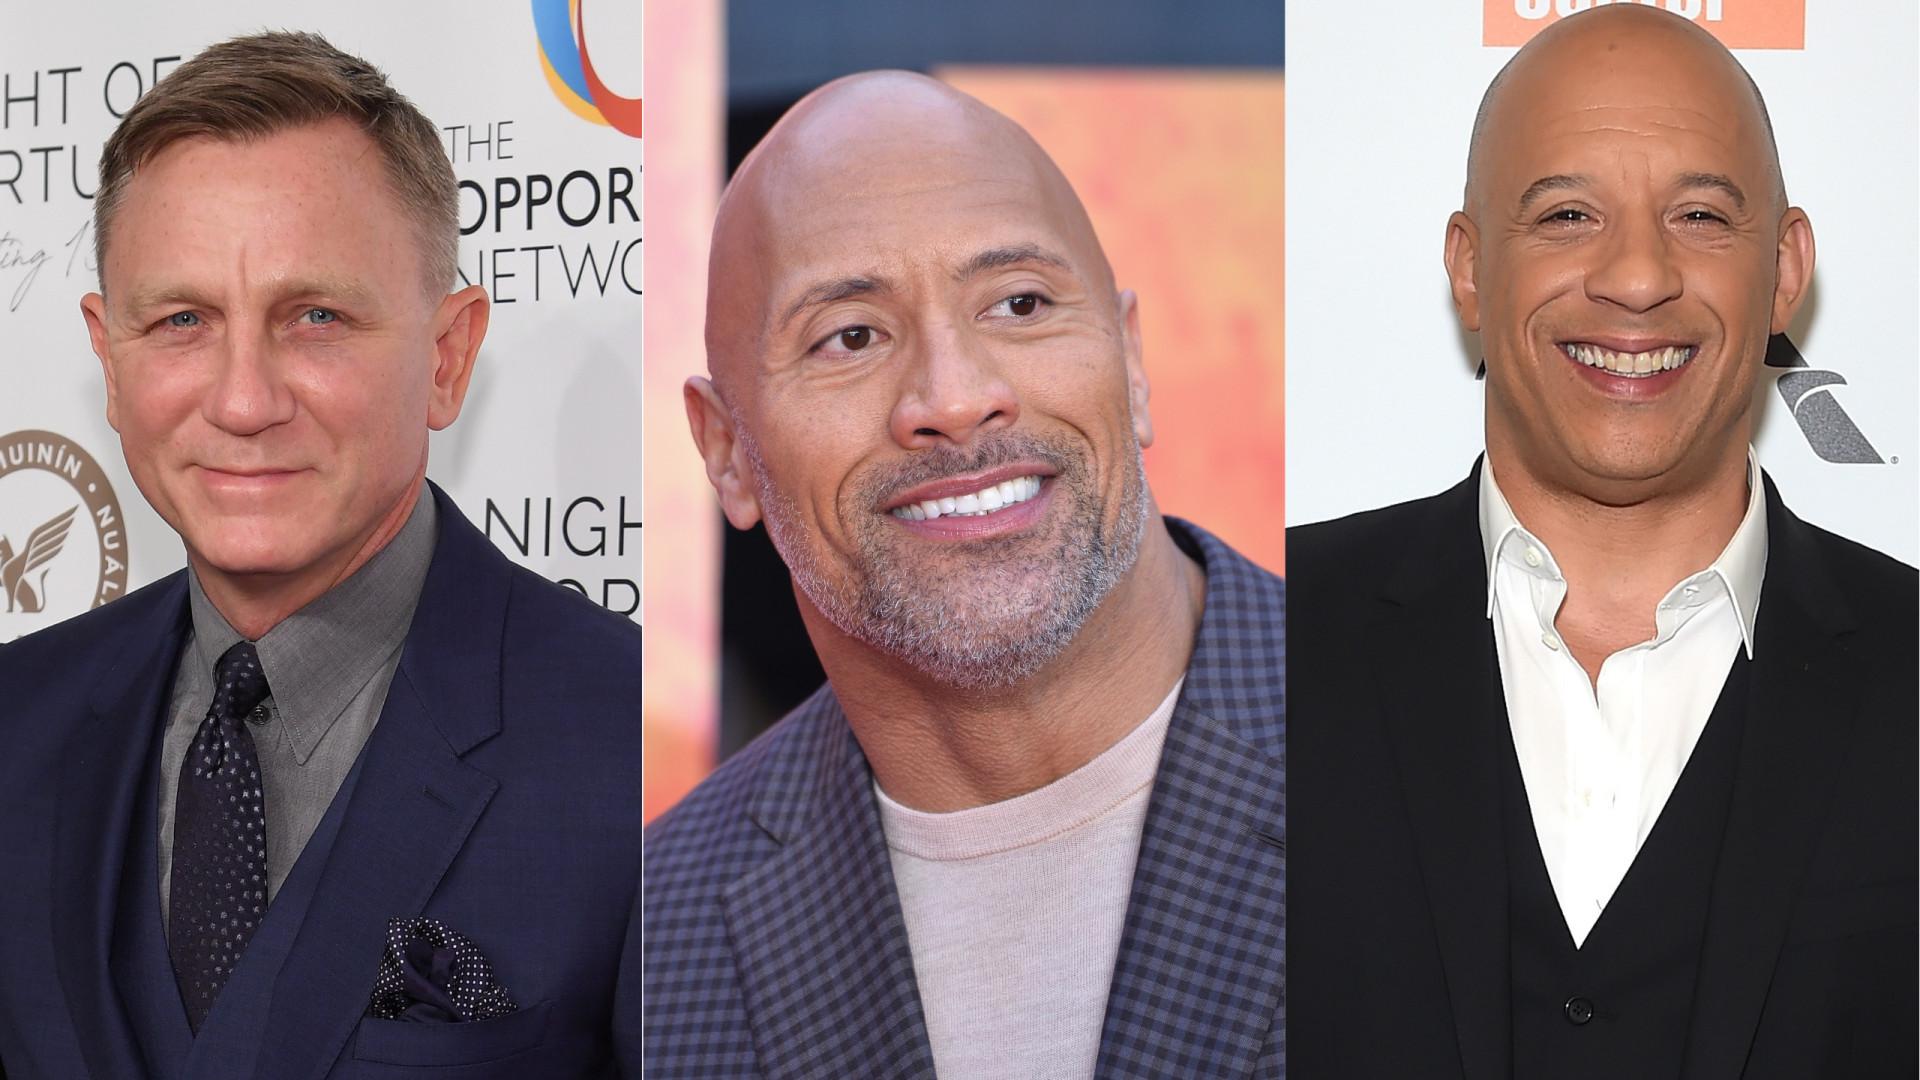 Eis a lista dos atores mais bem pagos de Hollywood